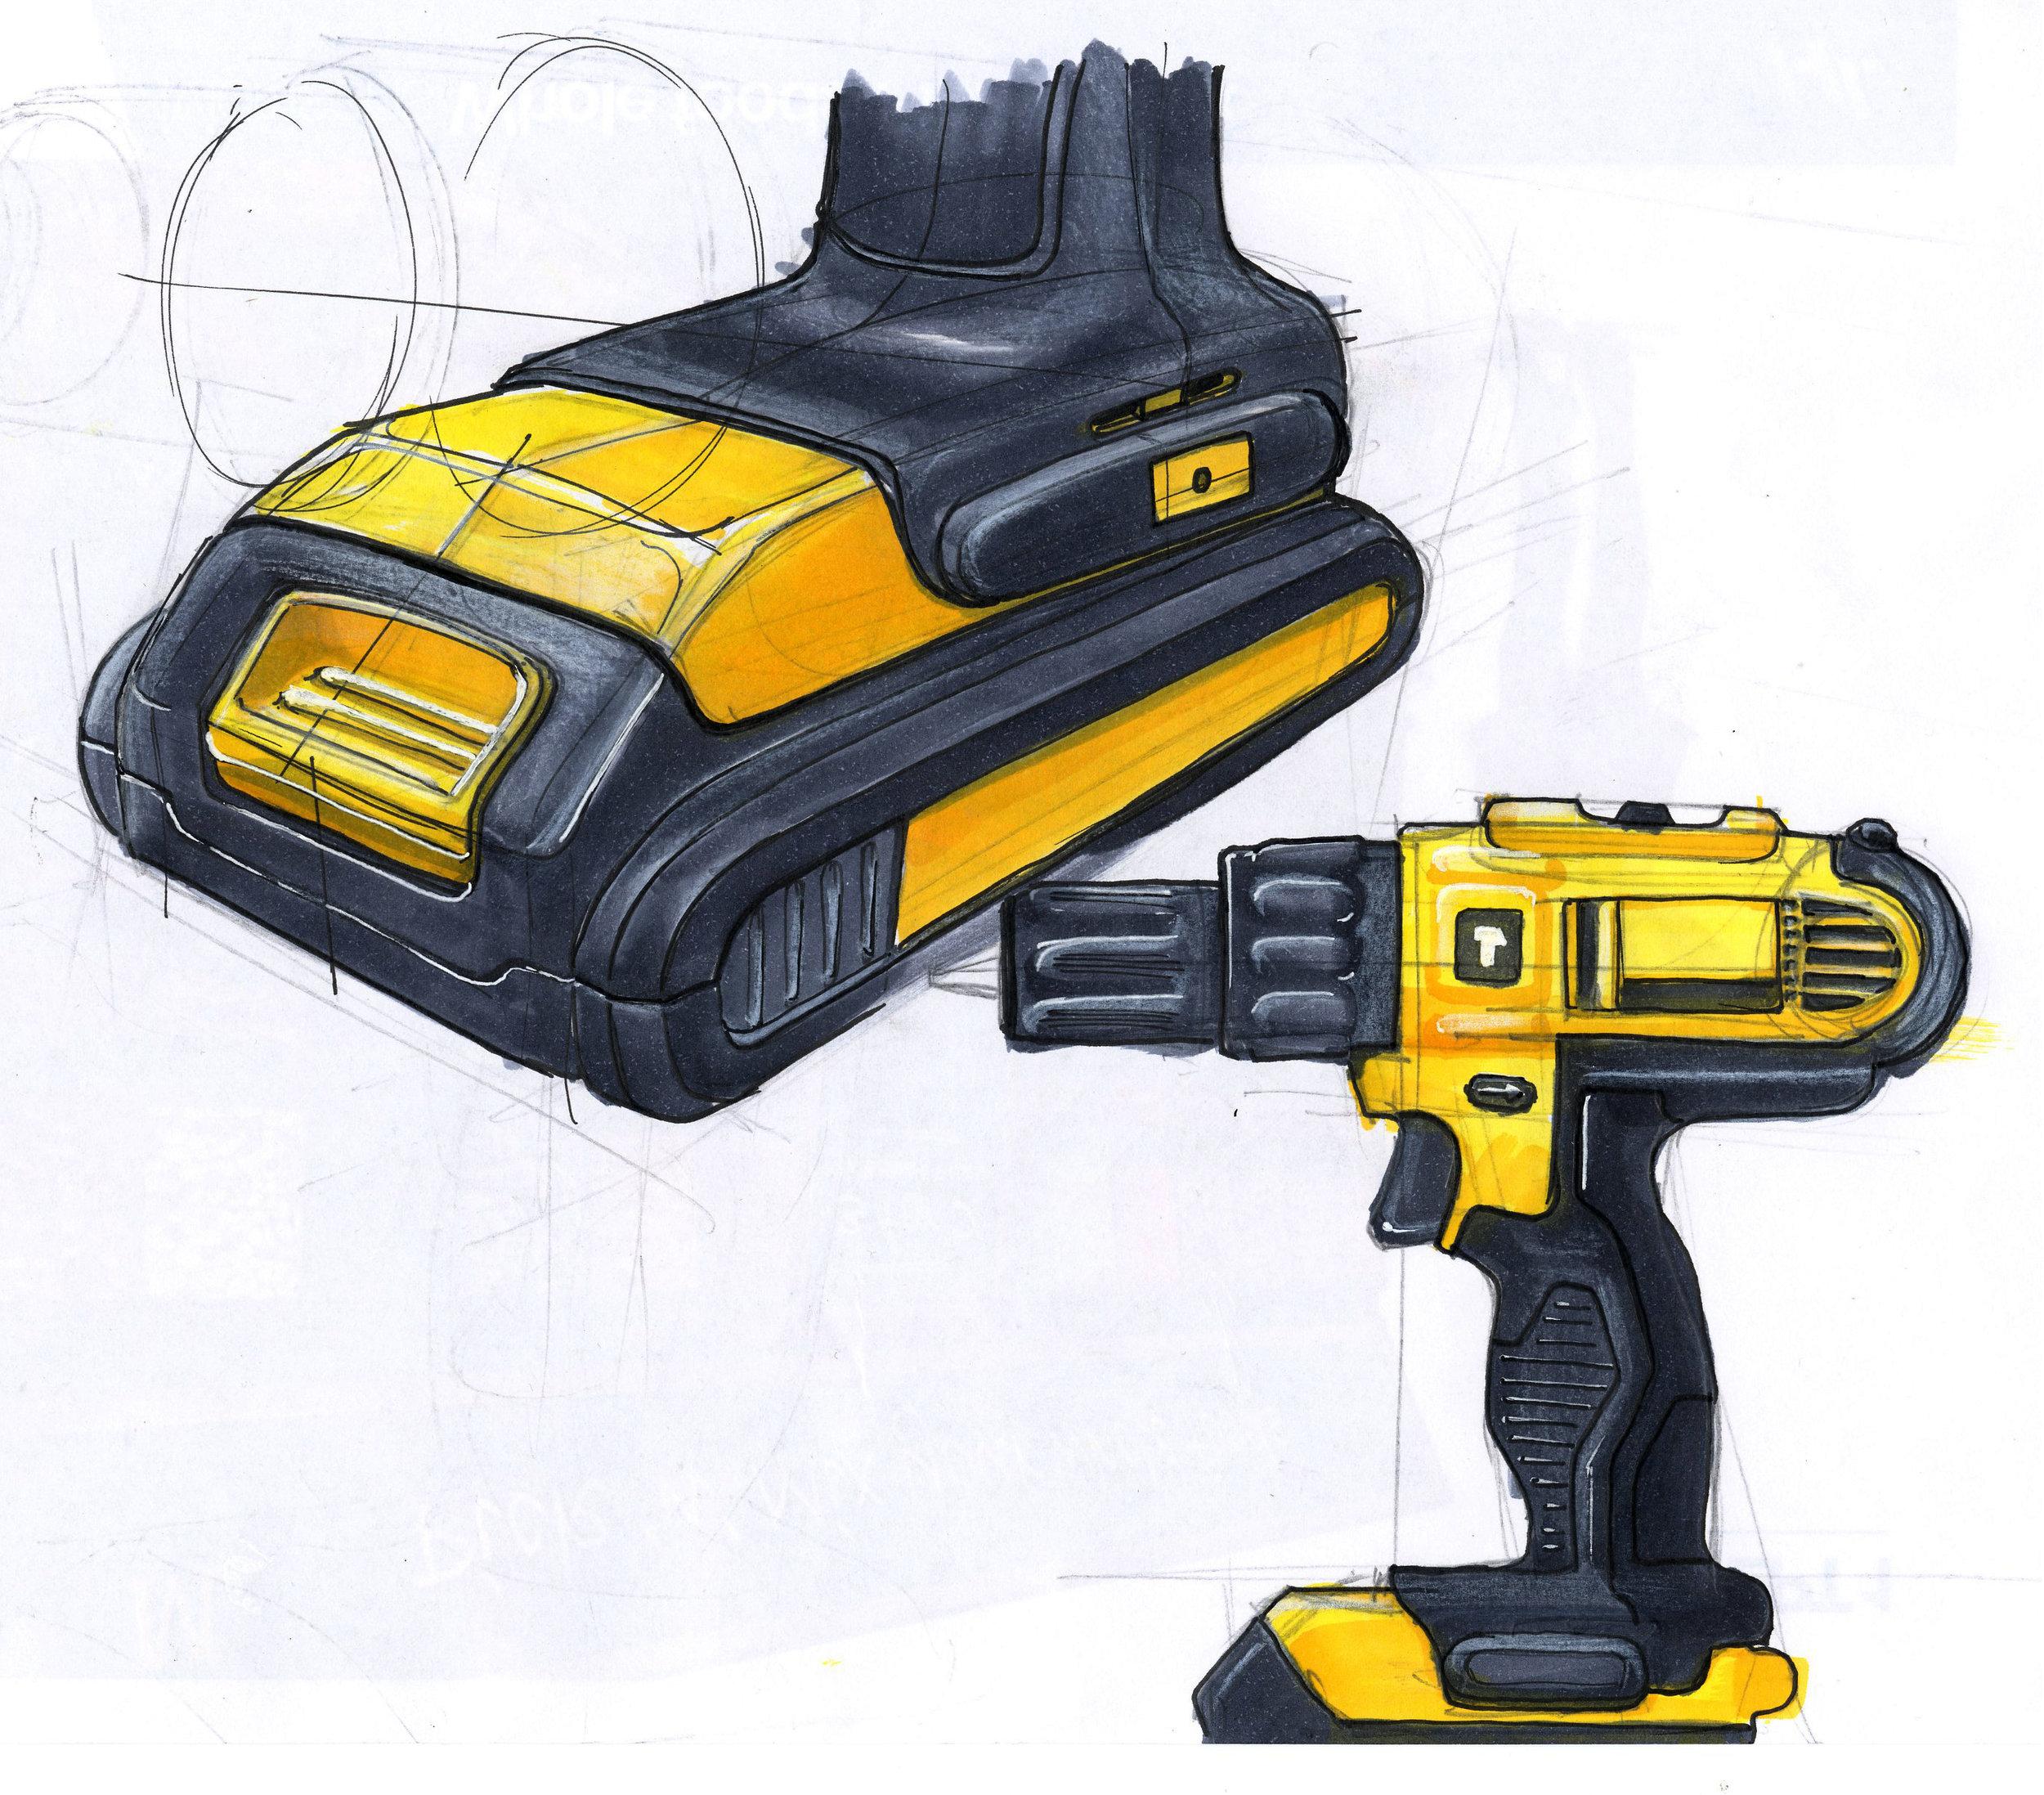 Sketch of a Dewalt 18 volt Cordless Drill. Marker, pen and pencil.